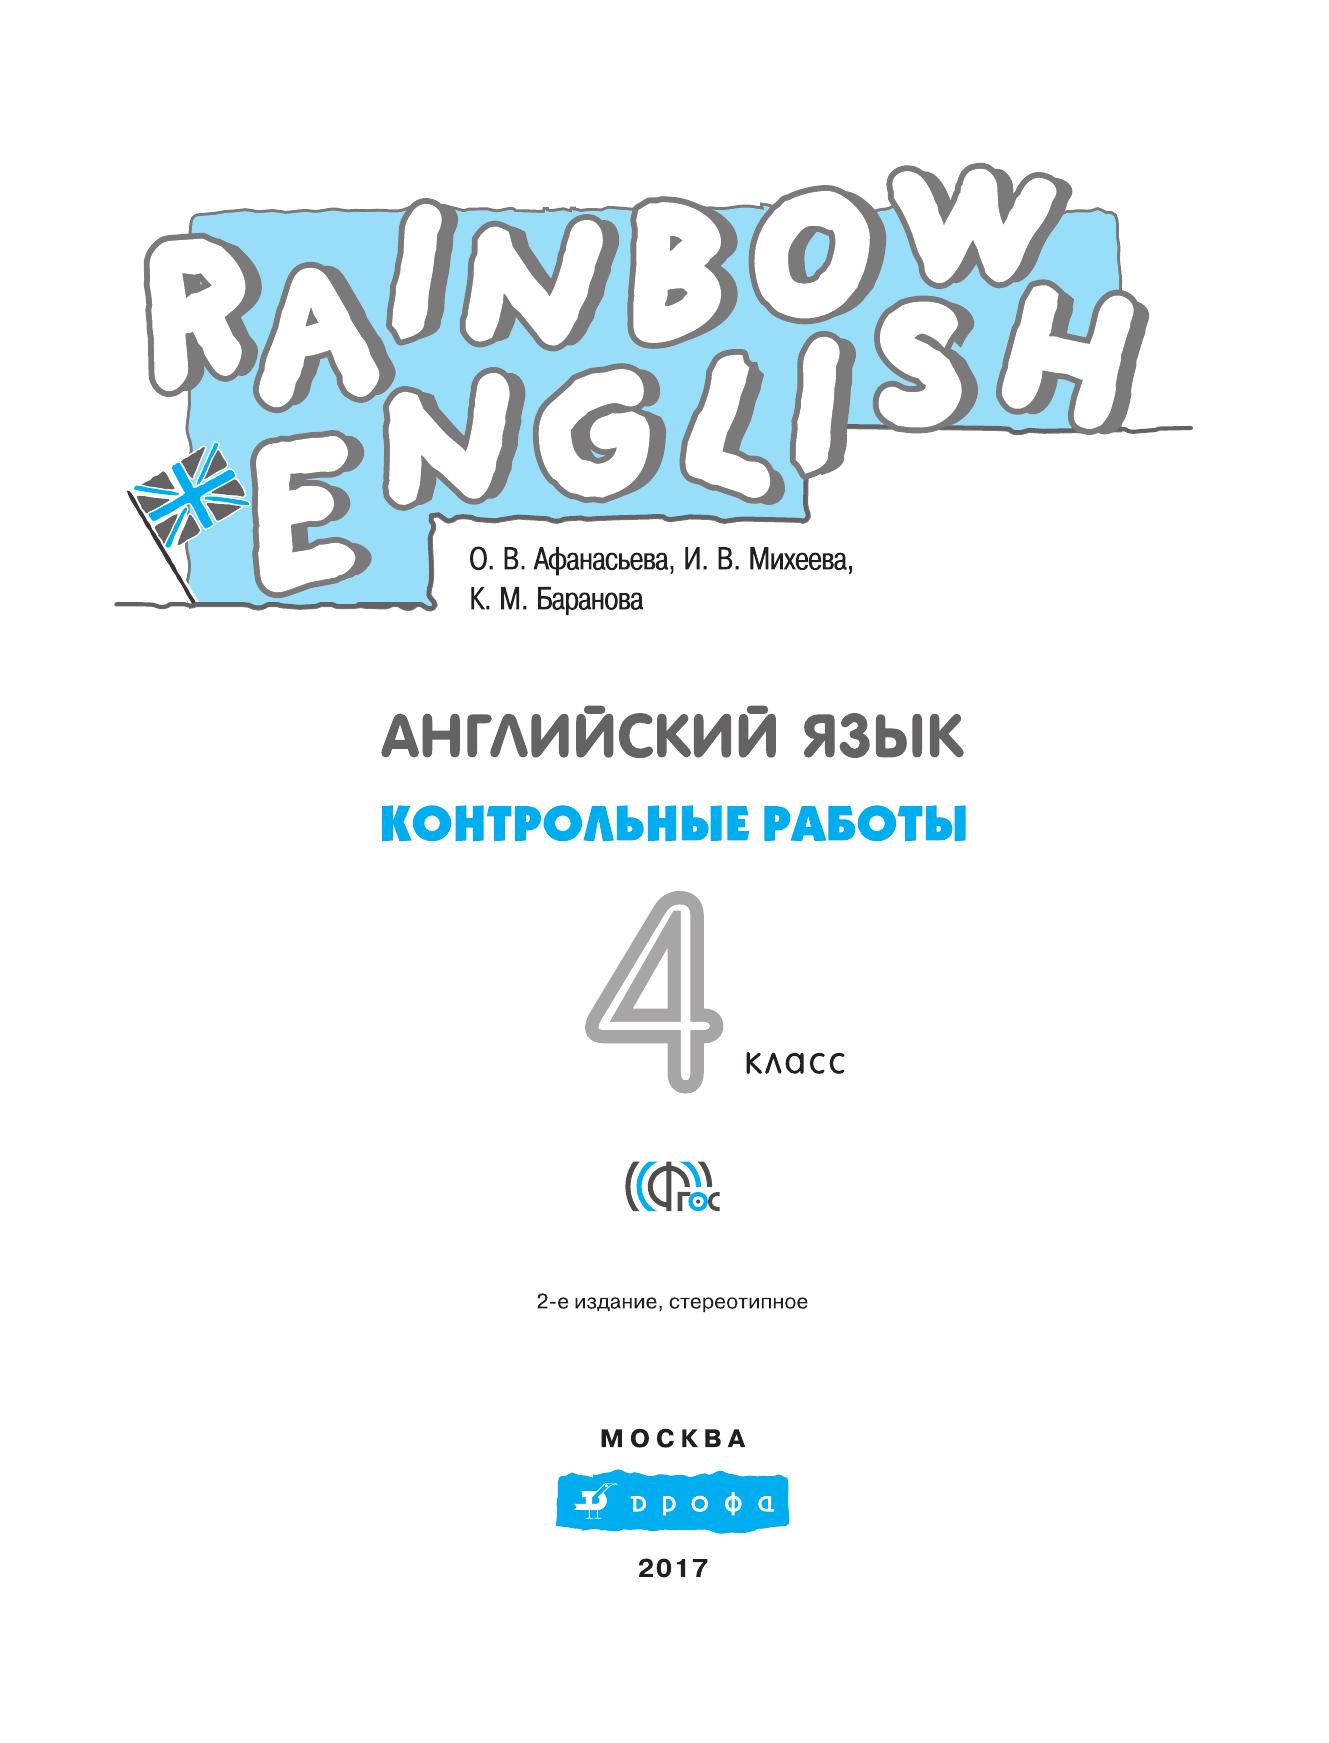 гдз контрольные работы по английскому языку 3 класс афанасьева